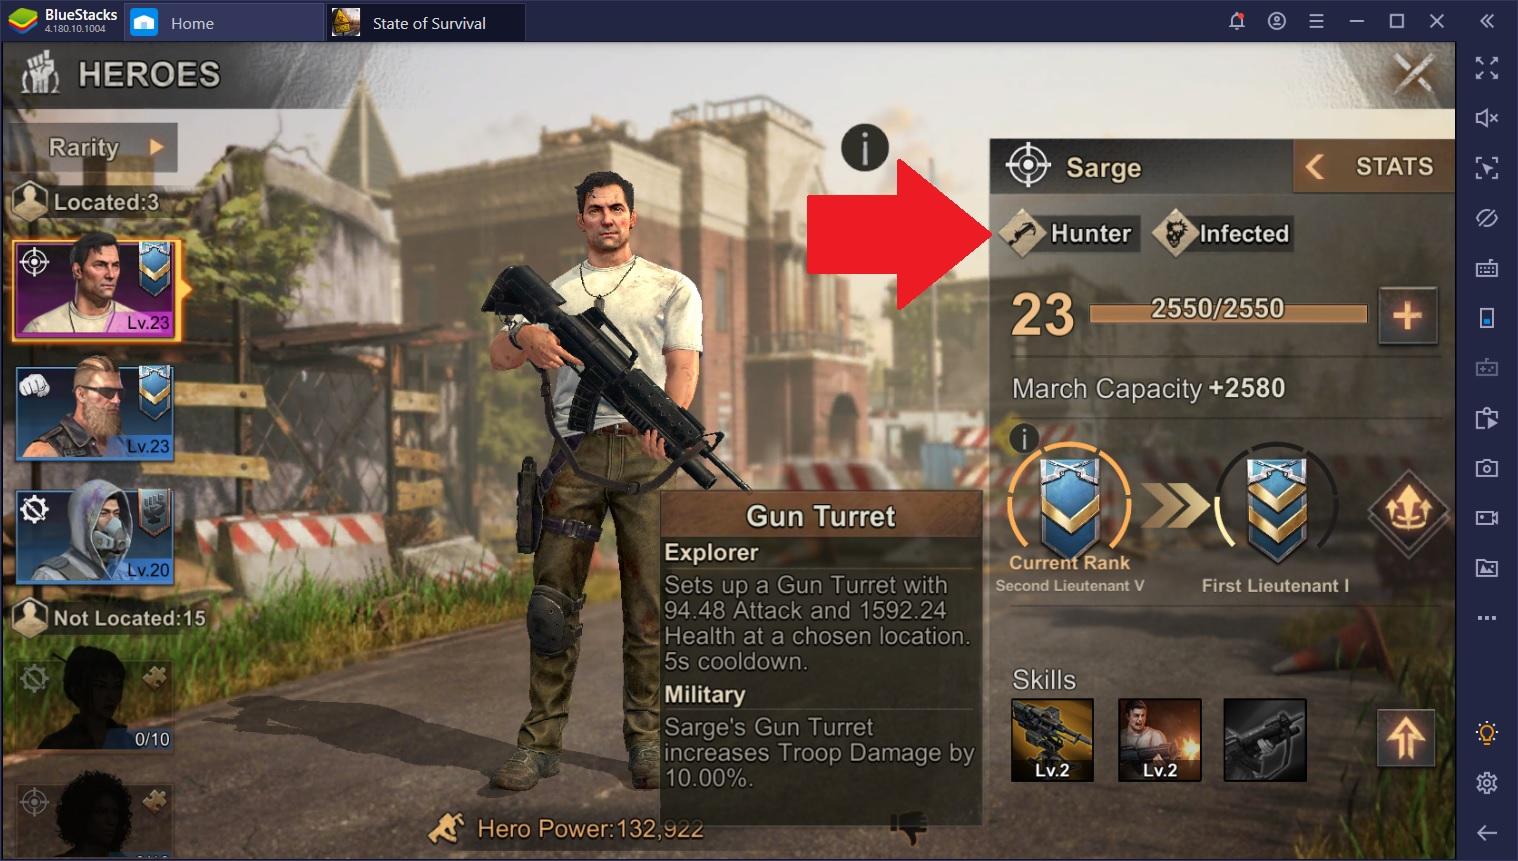 Hướng dẫn chơi State of Survival trên PC: Mẹo giành chiến thắng trong Explorer Trail